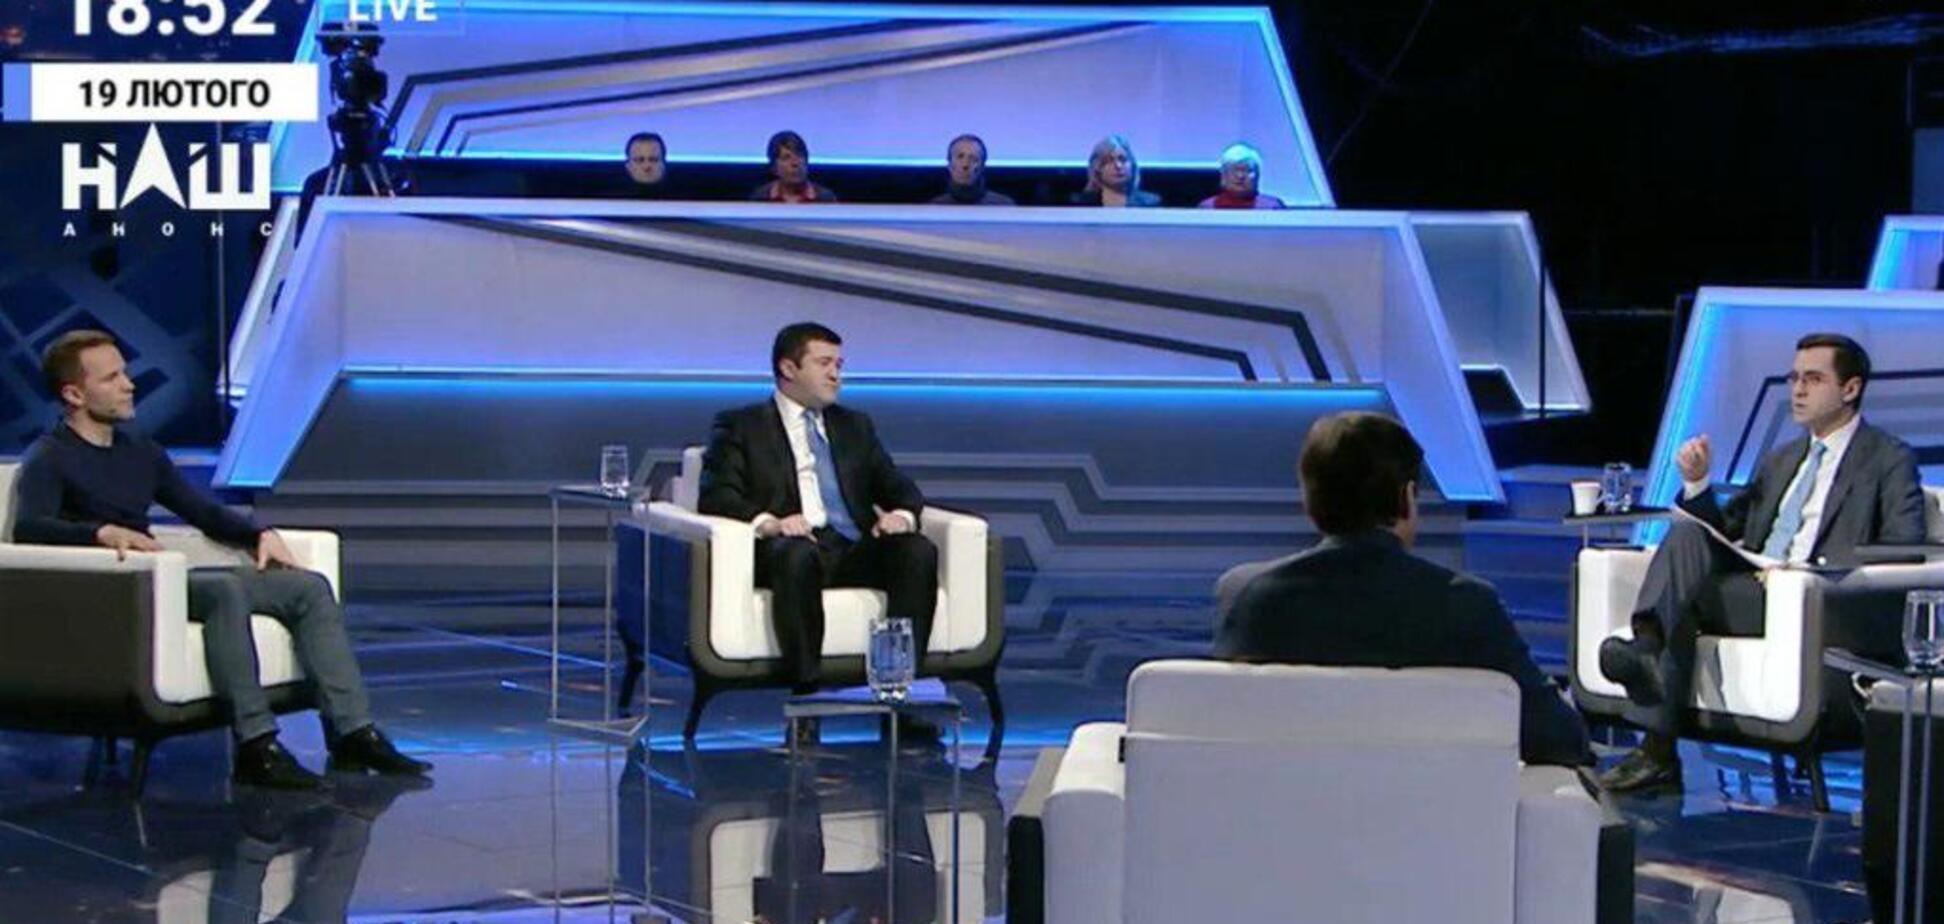 Уряд має забезпечити справжню євроінтеграцію України – Насіров